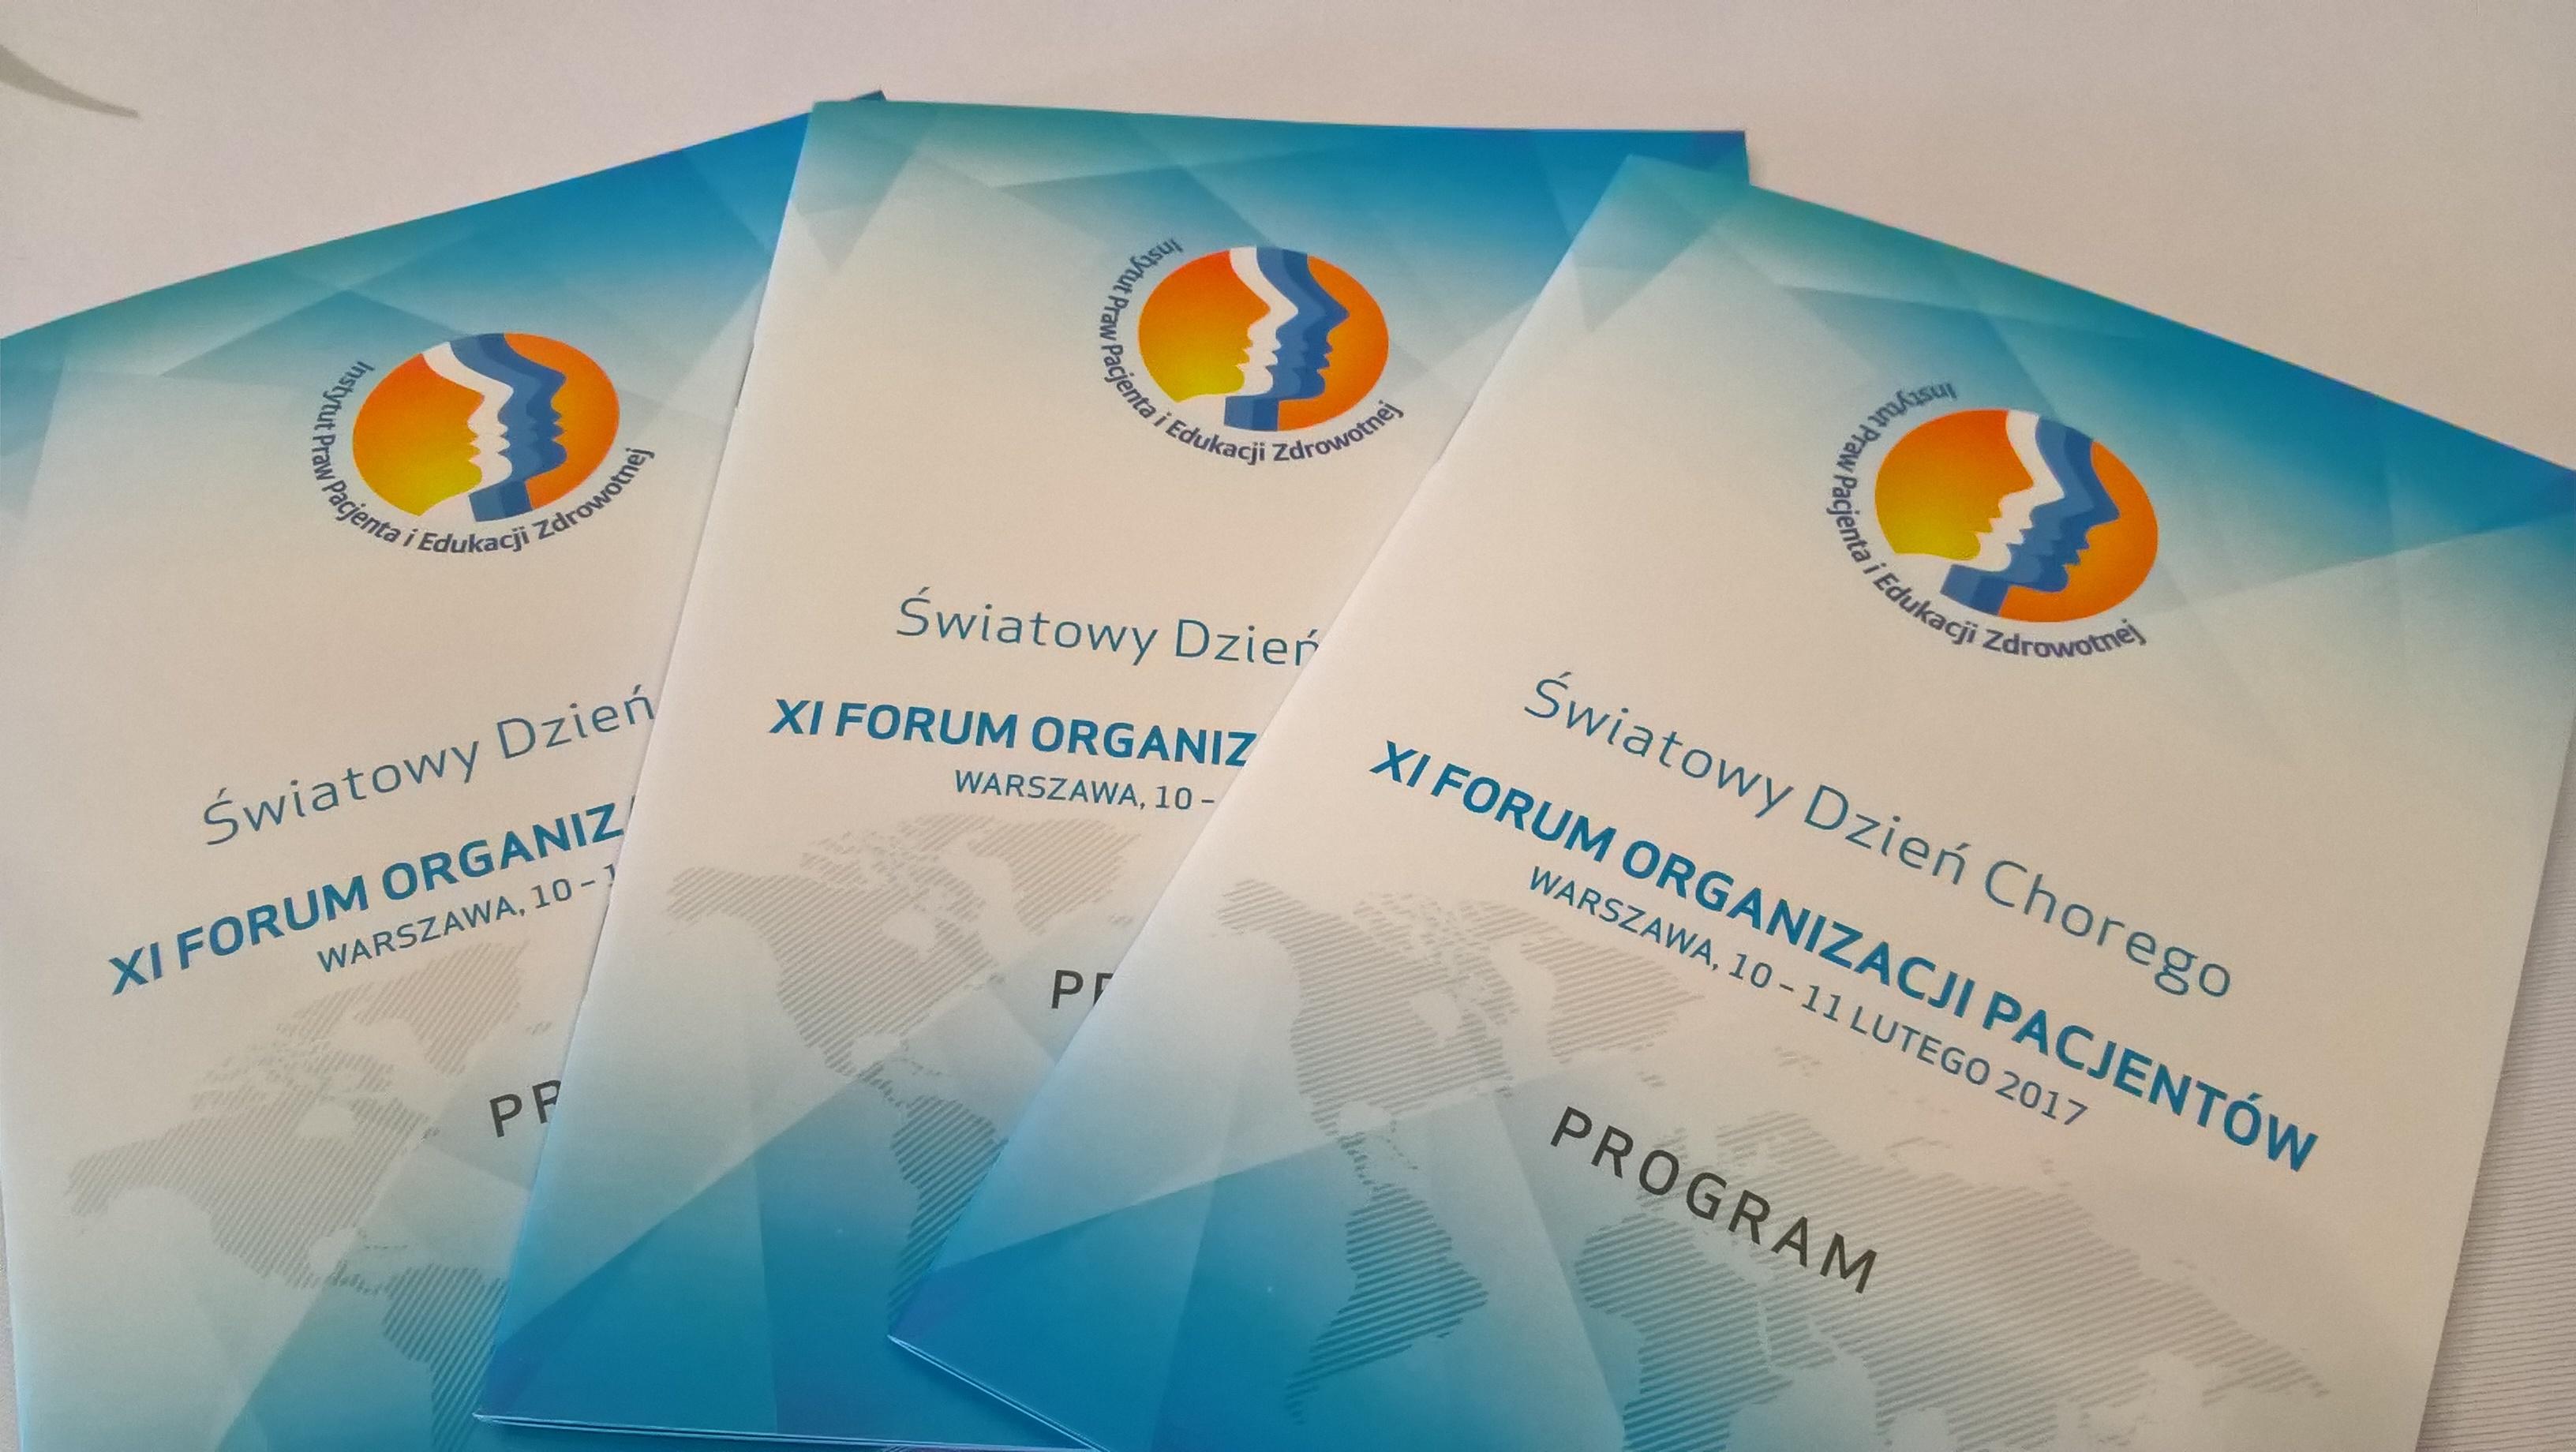 XI Forum Organizacji Pacjentów